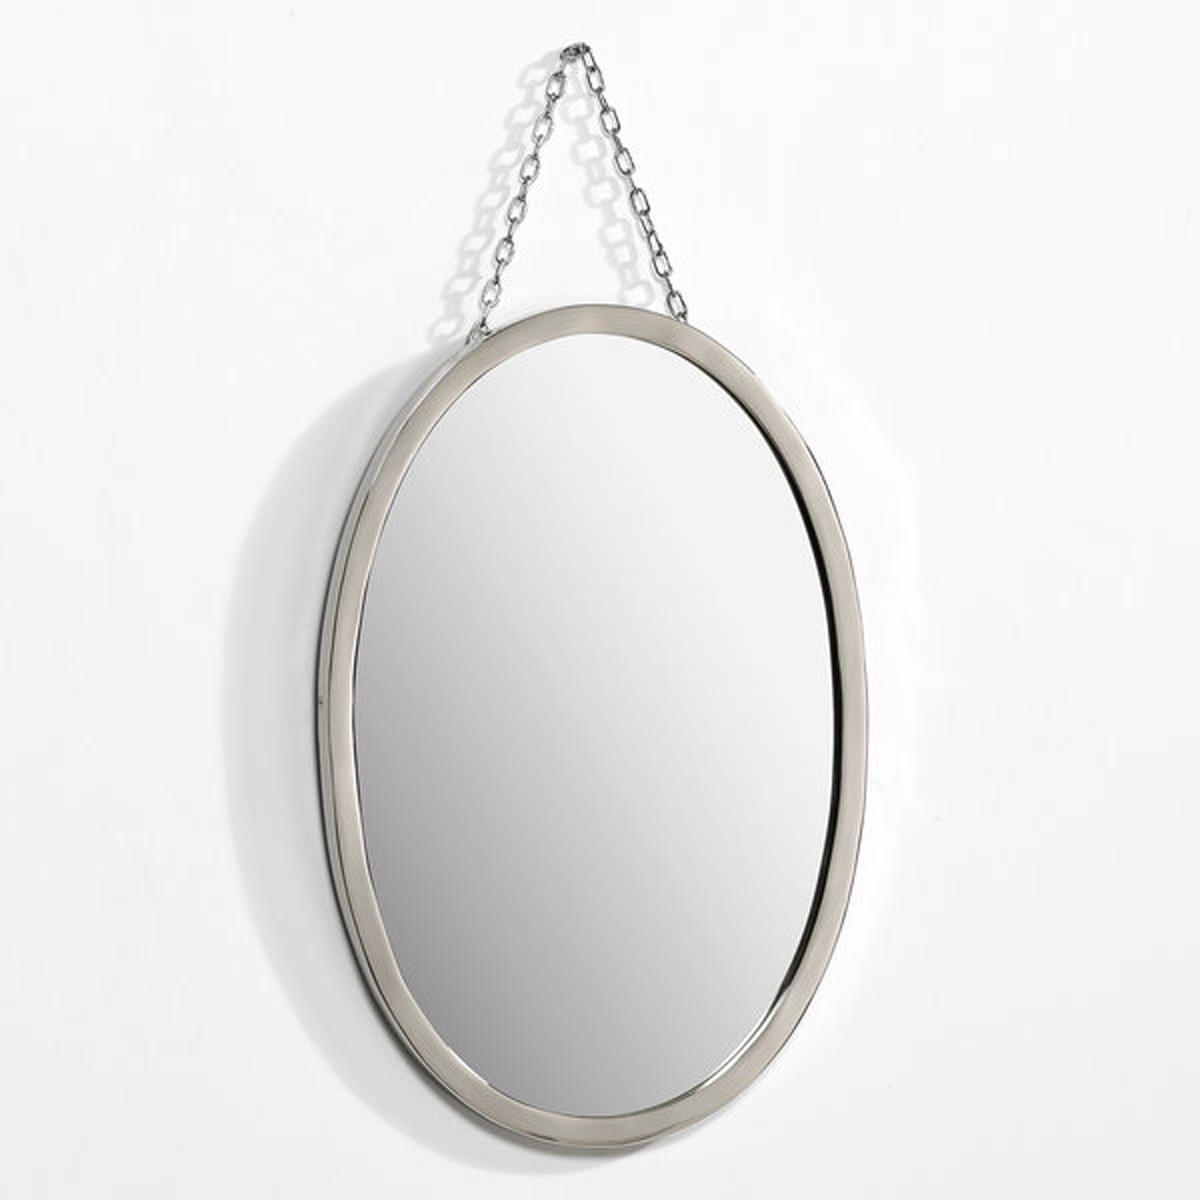 Зеркало овальное Д30 x В45 см, BarbierОвальное зеркало под старину Цирюльник.Характеристики: :- Рамка из никелированной латуни  .- Цепочка-подвеска из металла с никелевым покрытием  .Размеры :- Д30 x В45 см<br><br>Цвет: безцветный